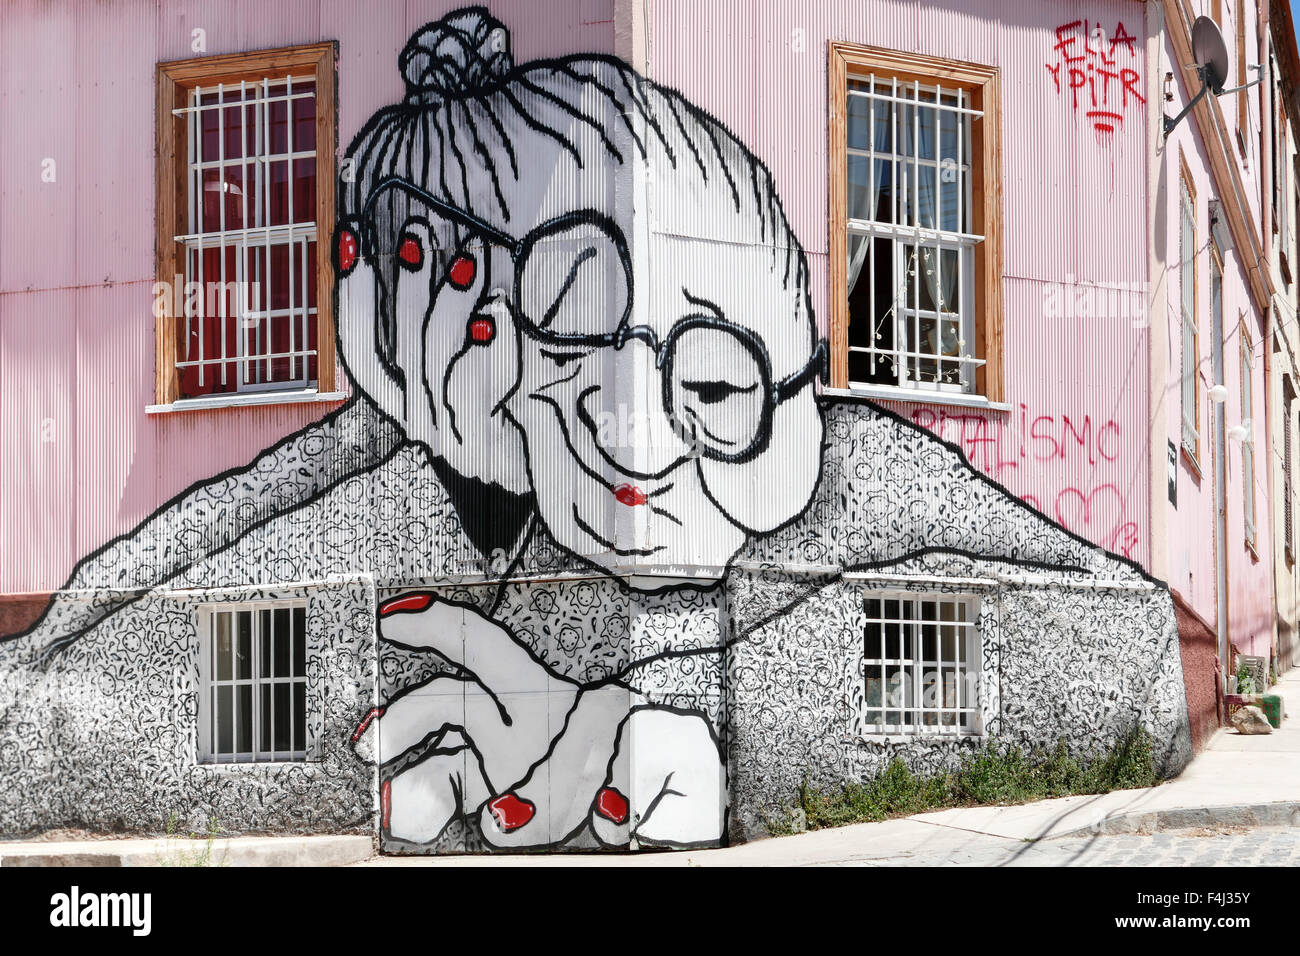 VALPARAISO, Cile - 29 ottobre 2014: Graffiti di una donna anziana viene spruzzato su una facciata di edificio in Immagini Stock